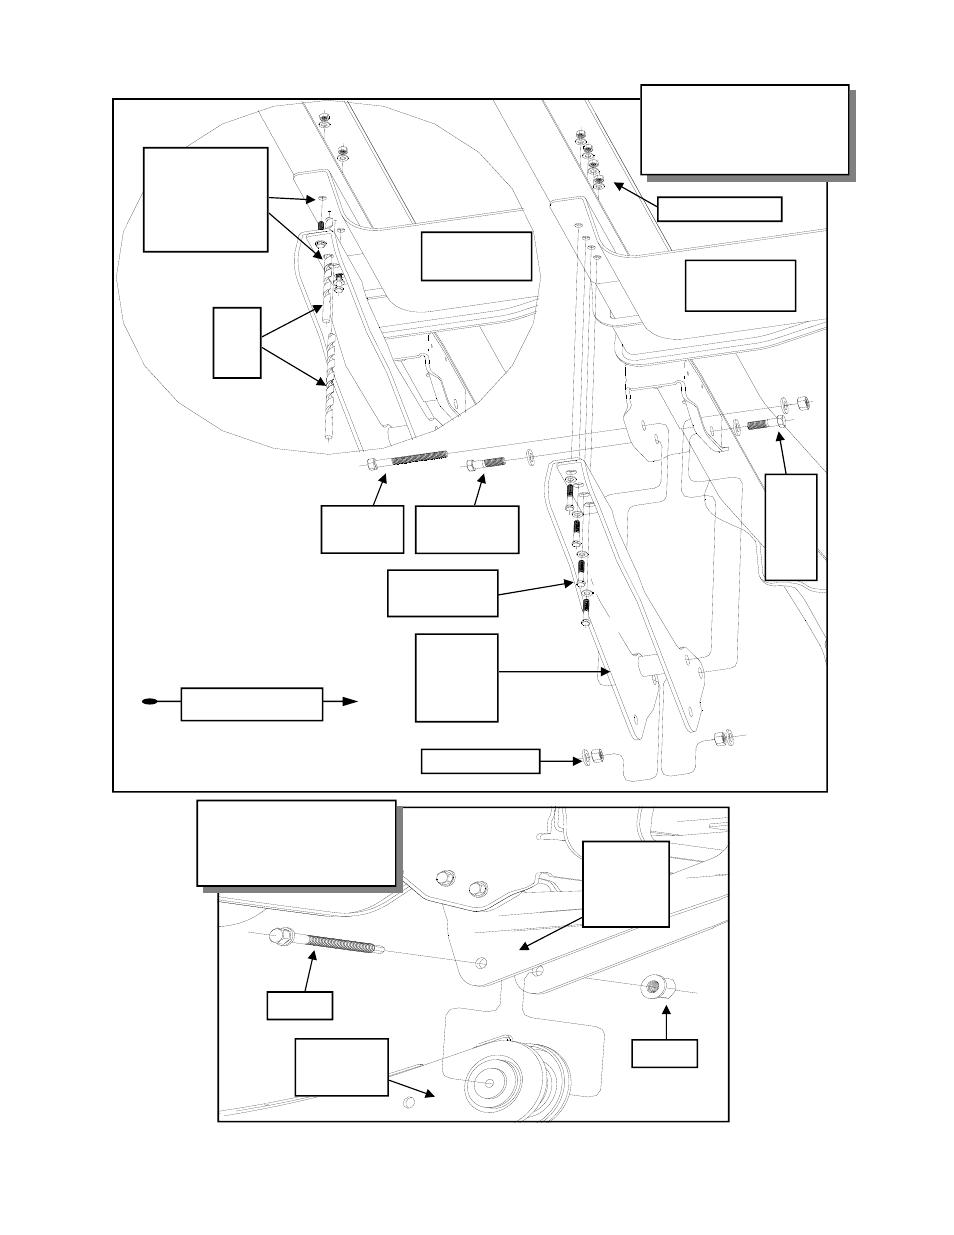 Diagram Trailmaster Get Free Image About Diagram - 17.20.xc ... on design schematics, ecu schematics, wire schematics, electrical schematics, ignition schematics, ductwork schematics, amplifier schematics, engine schematics, generator schematics, electronics schematics, ford diagrams schematics, circuit schematics, motor schematics, transmission schematics, computer schematics, transformer schematics, engineering schematics, plumbing schematics, piping schematics, tube amp schematics,